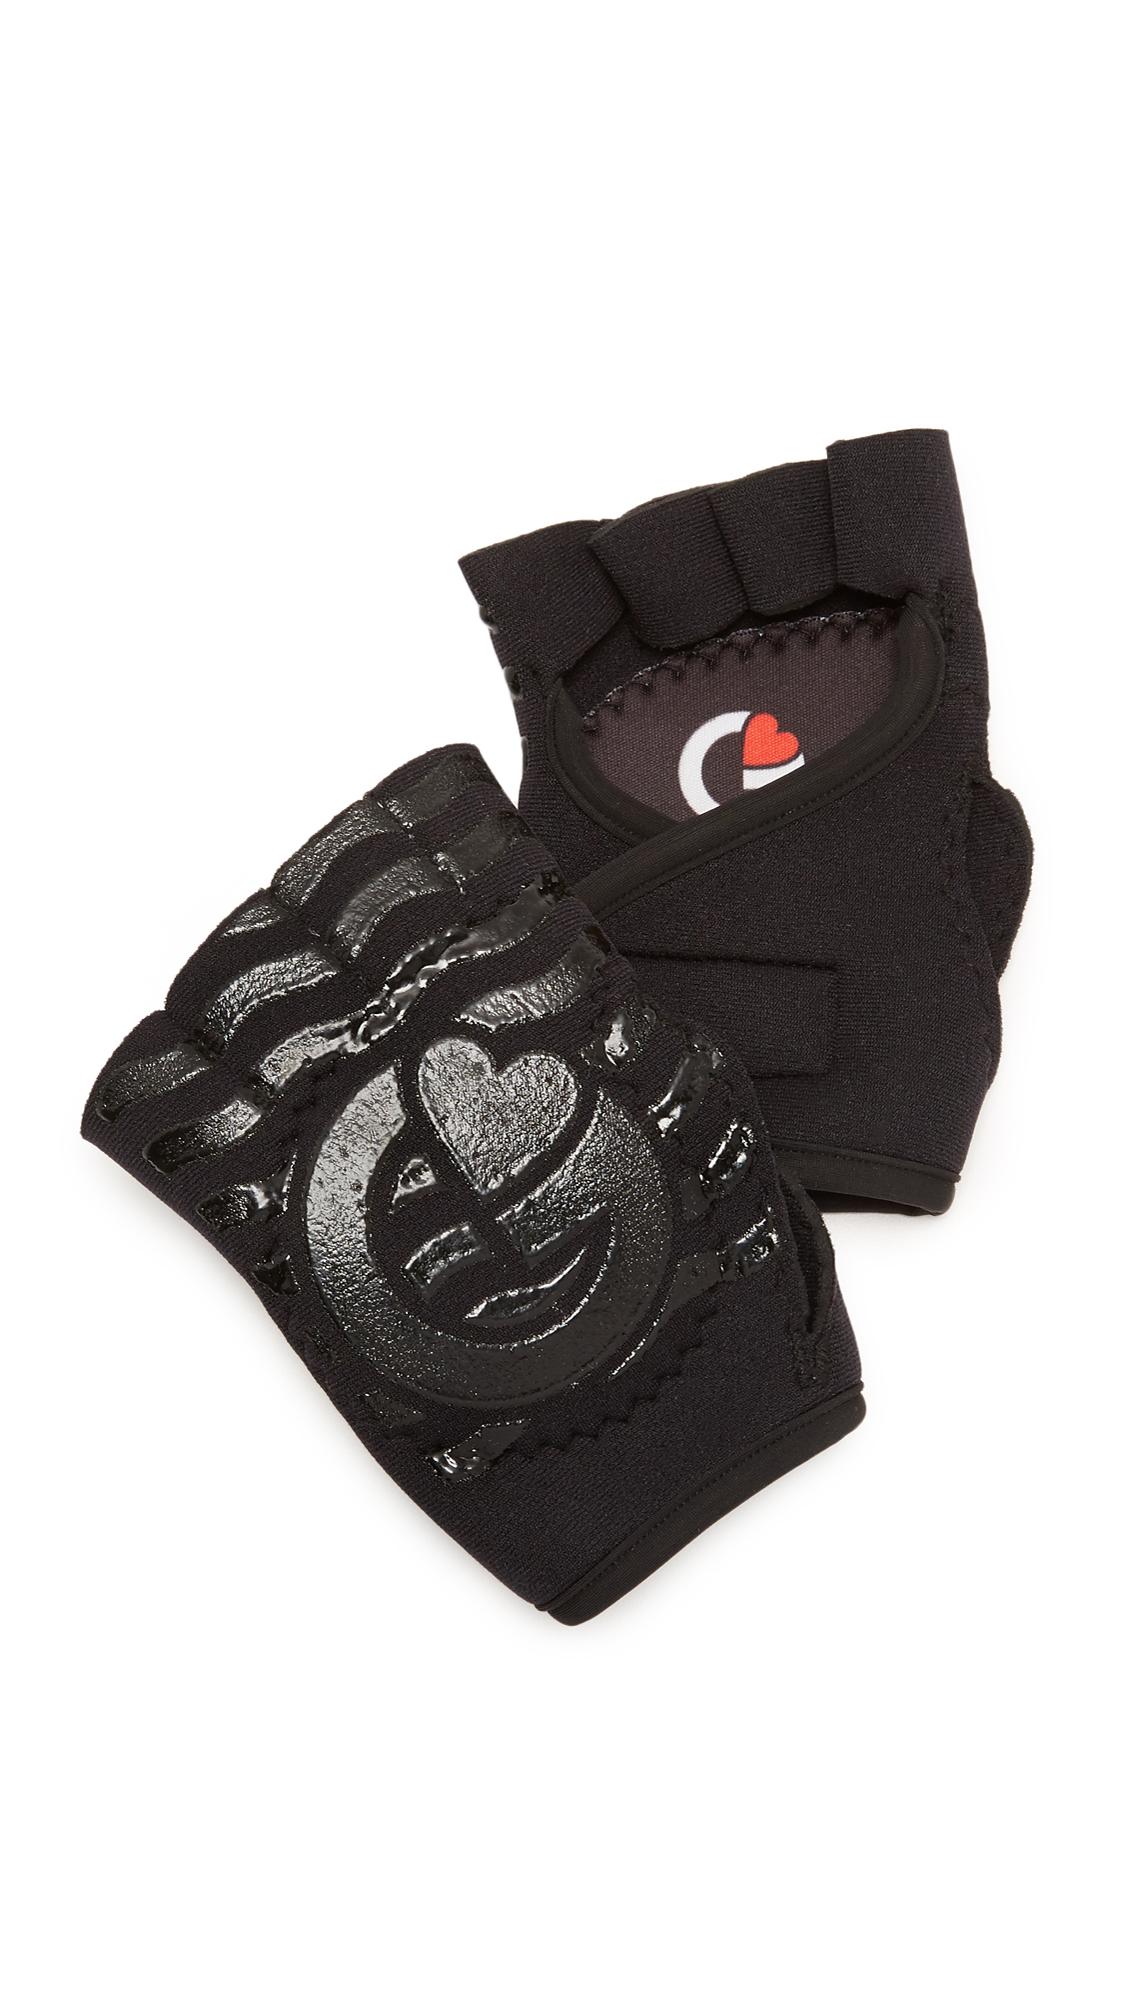 G-Loves Back To Black Workout Gloves - Black at Shopbop